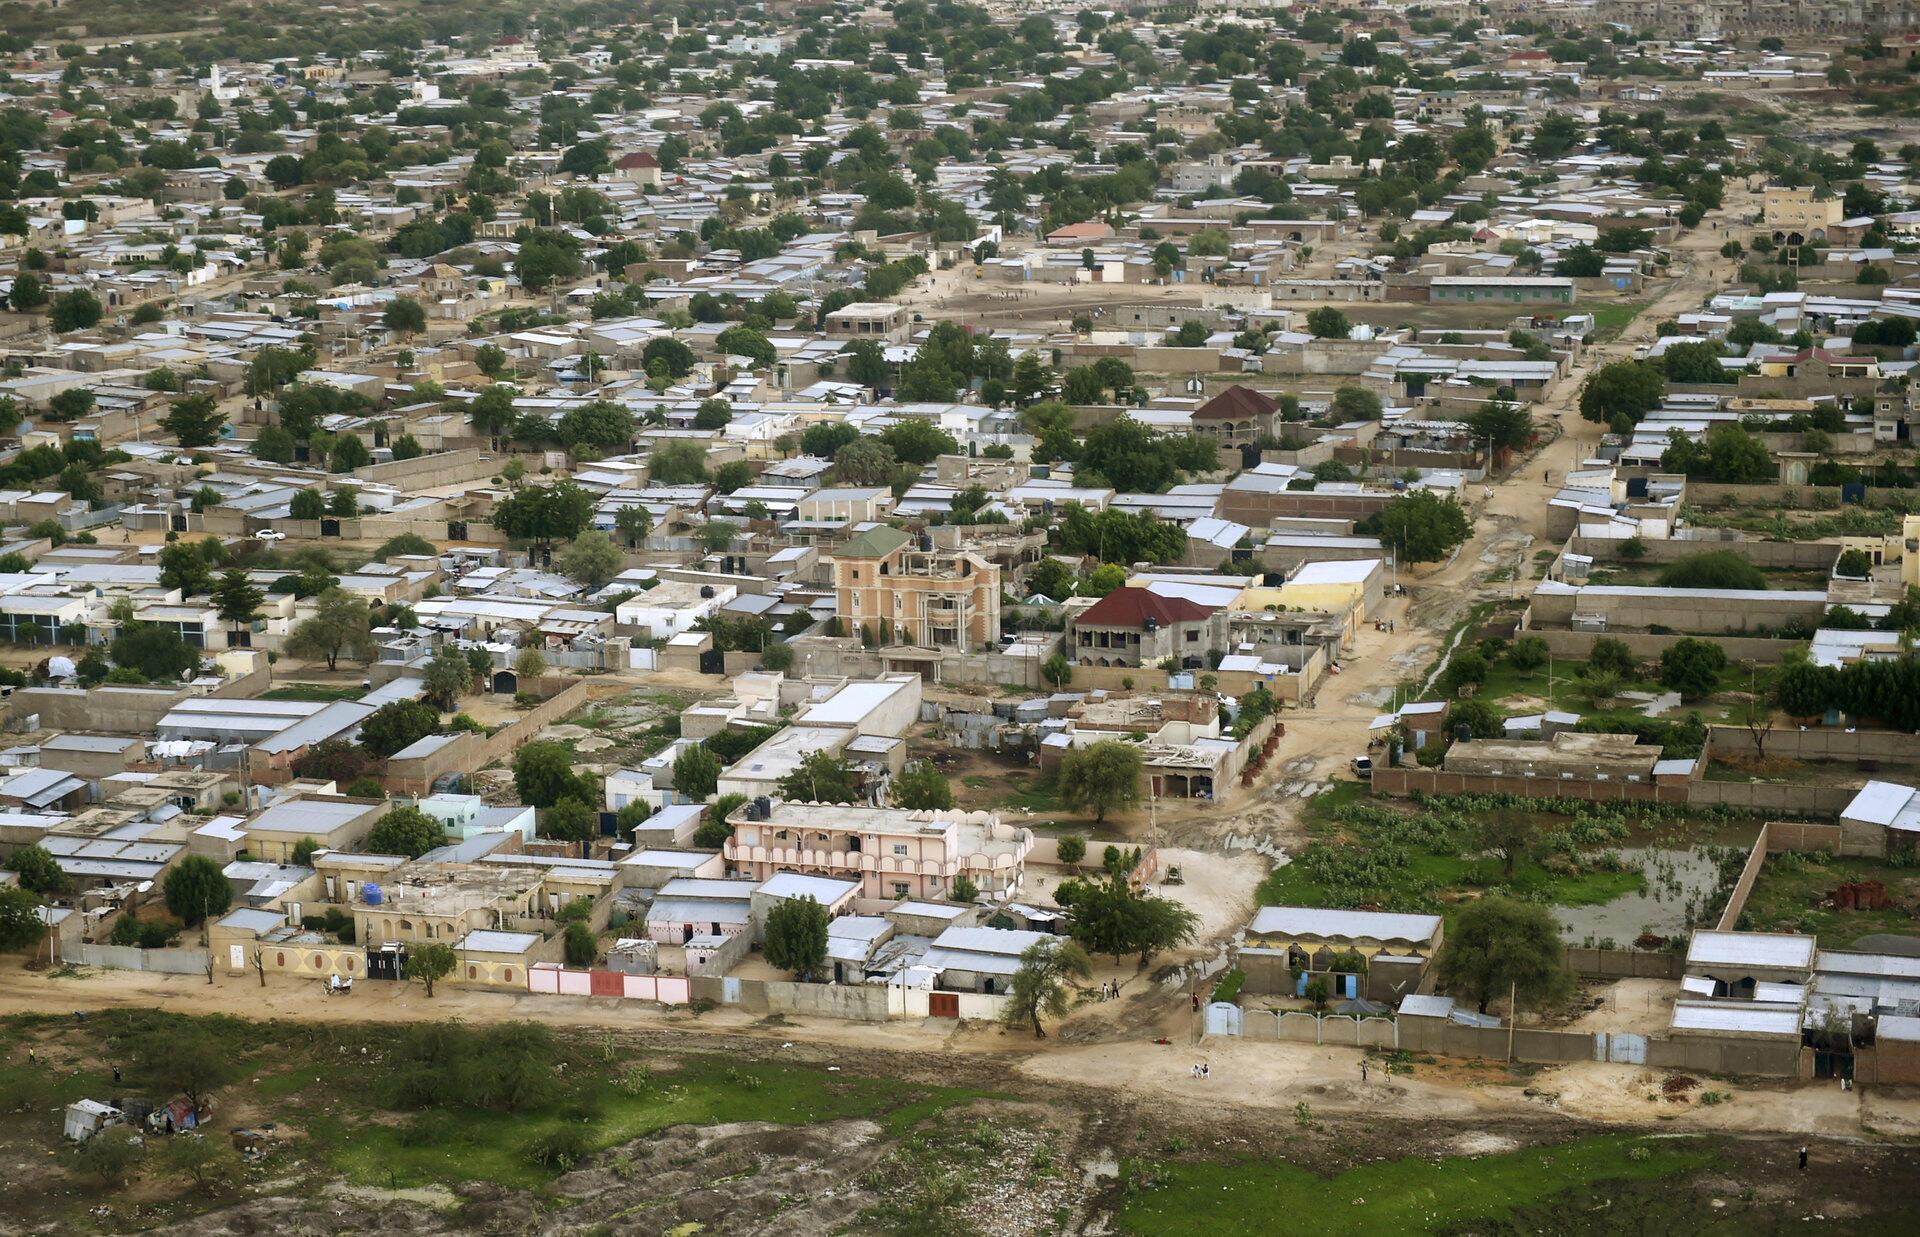 Vue aérienne de N'Djamena, la capitale tchadienne (image d'illustration).